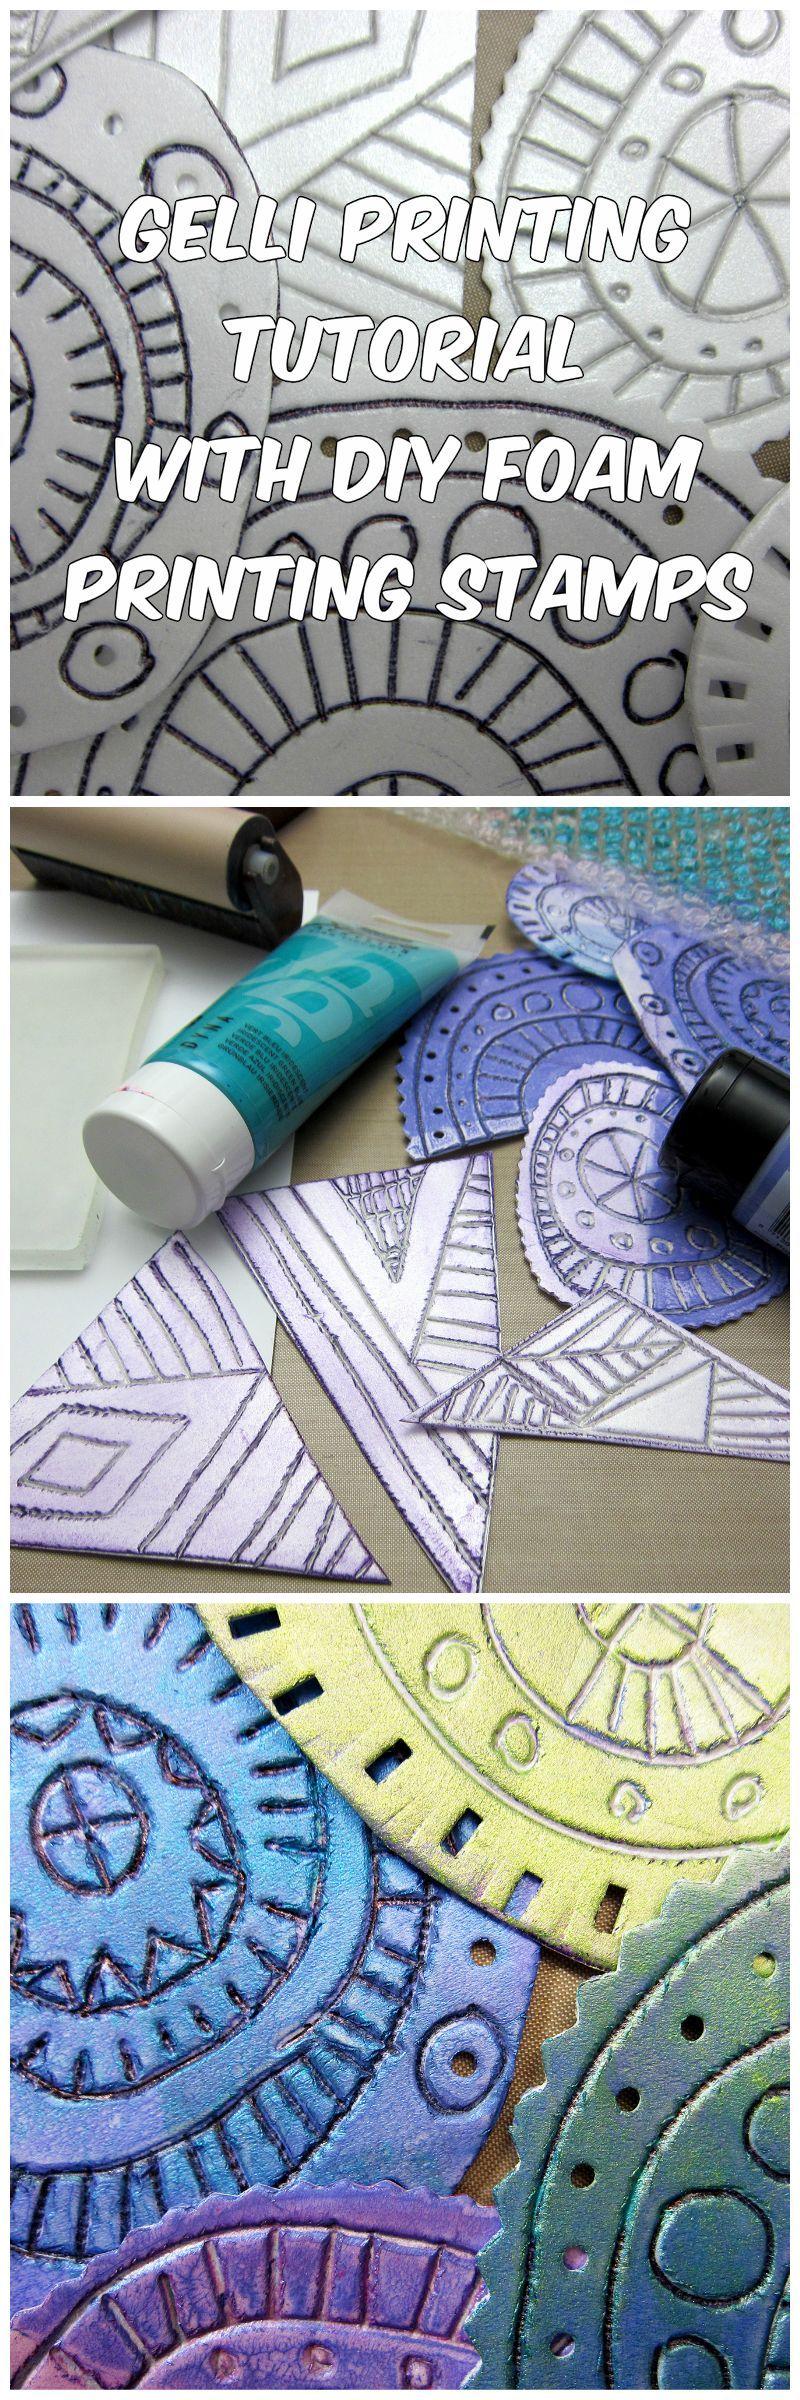 Gelli Printing Tutorial with DIY Foam Printing Stamps!